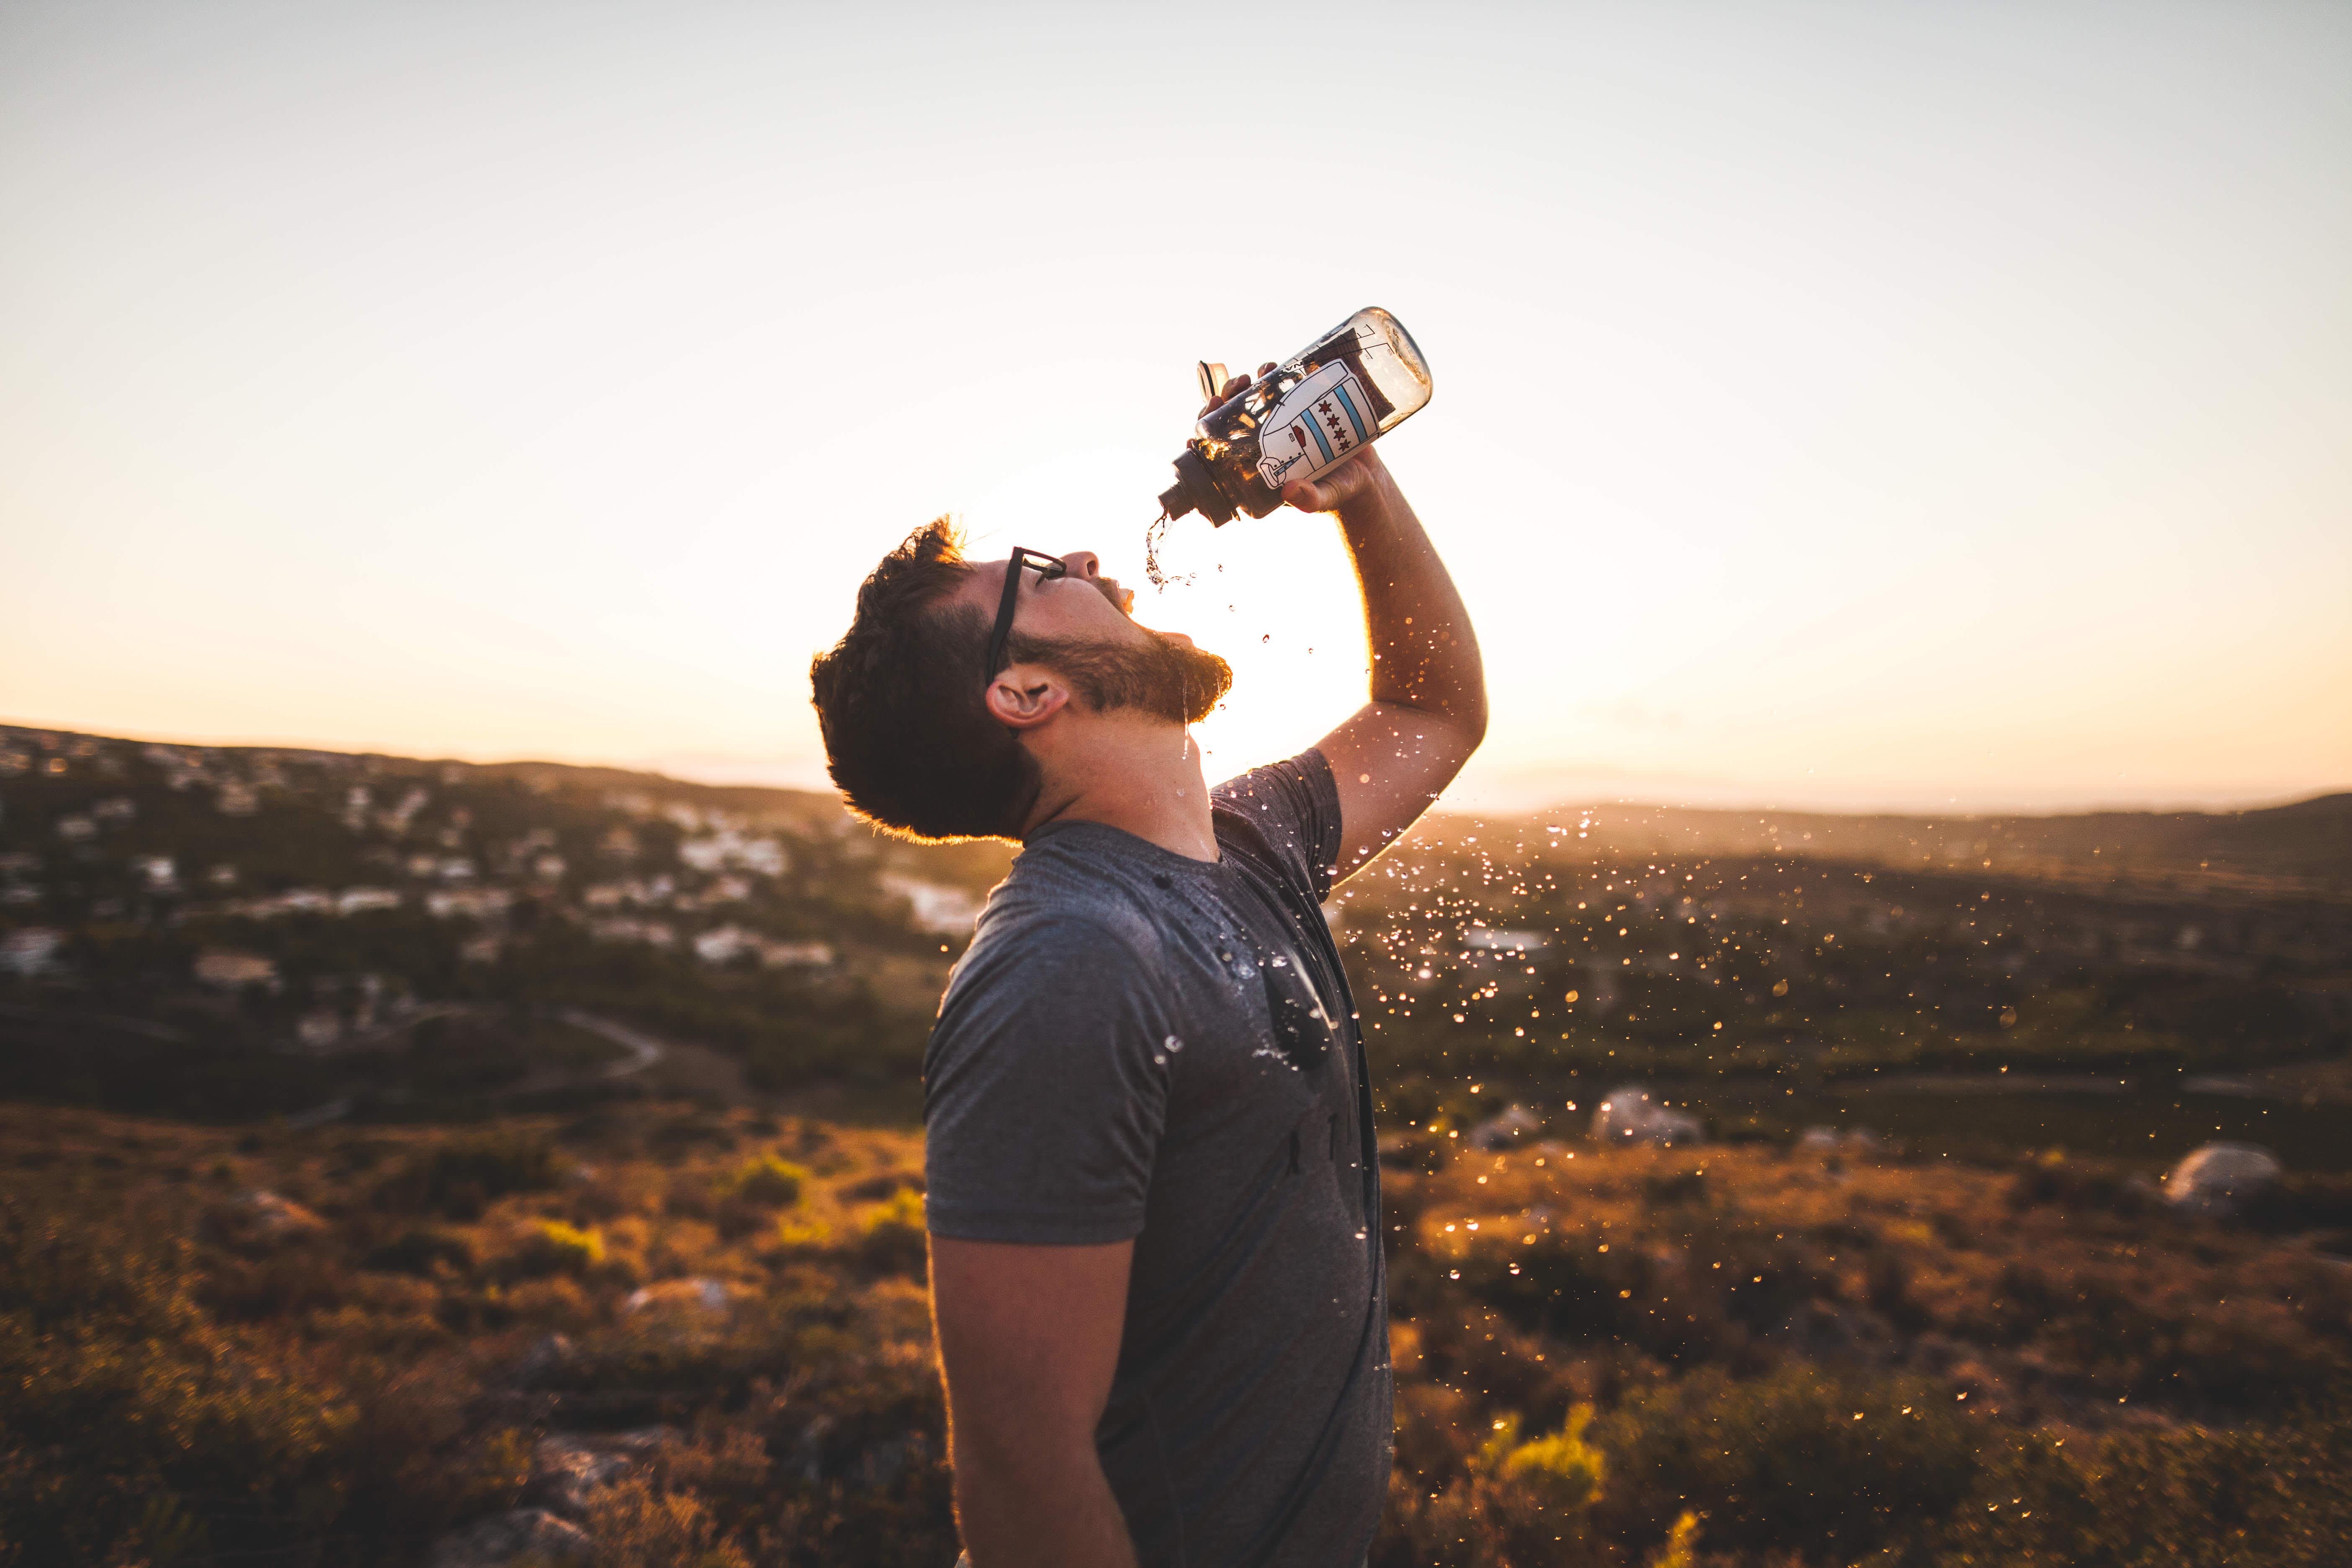 jeune homme buvant de l'eau par temps chaud